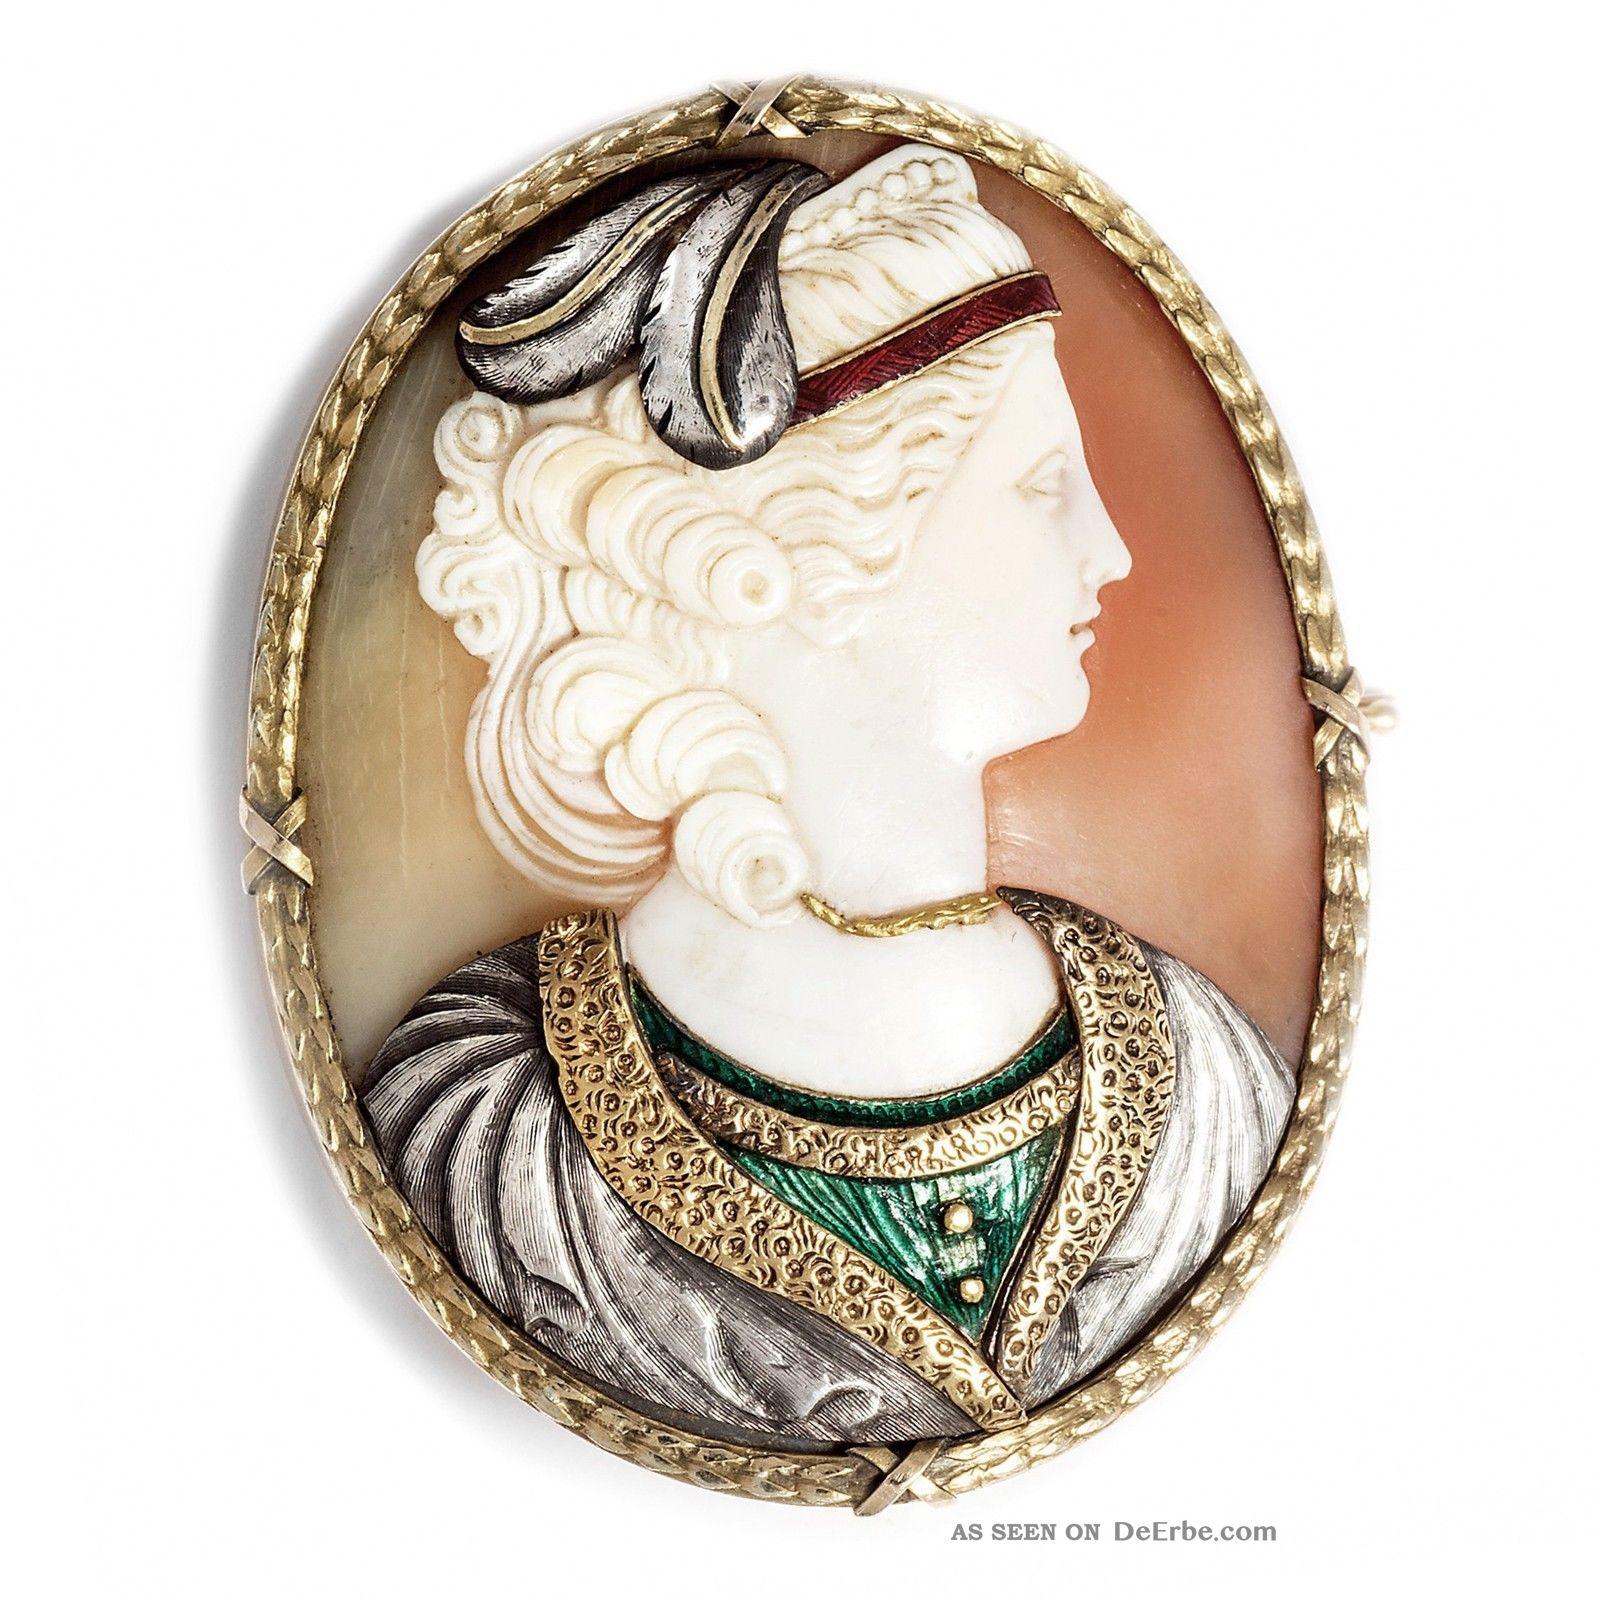 Große Commesso Muschel Kamee,  Gold,  Silber & Email,  Um 1870 Gemme Cameo Brosche Schmuck nach Epochen Bild